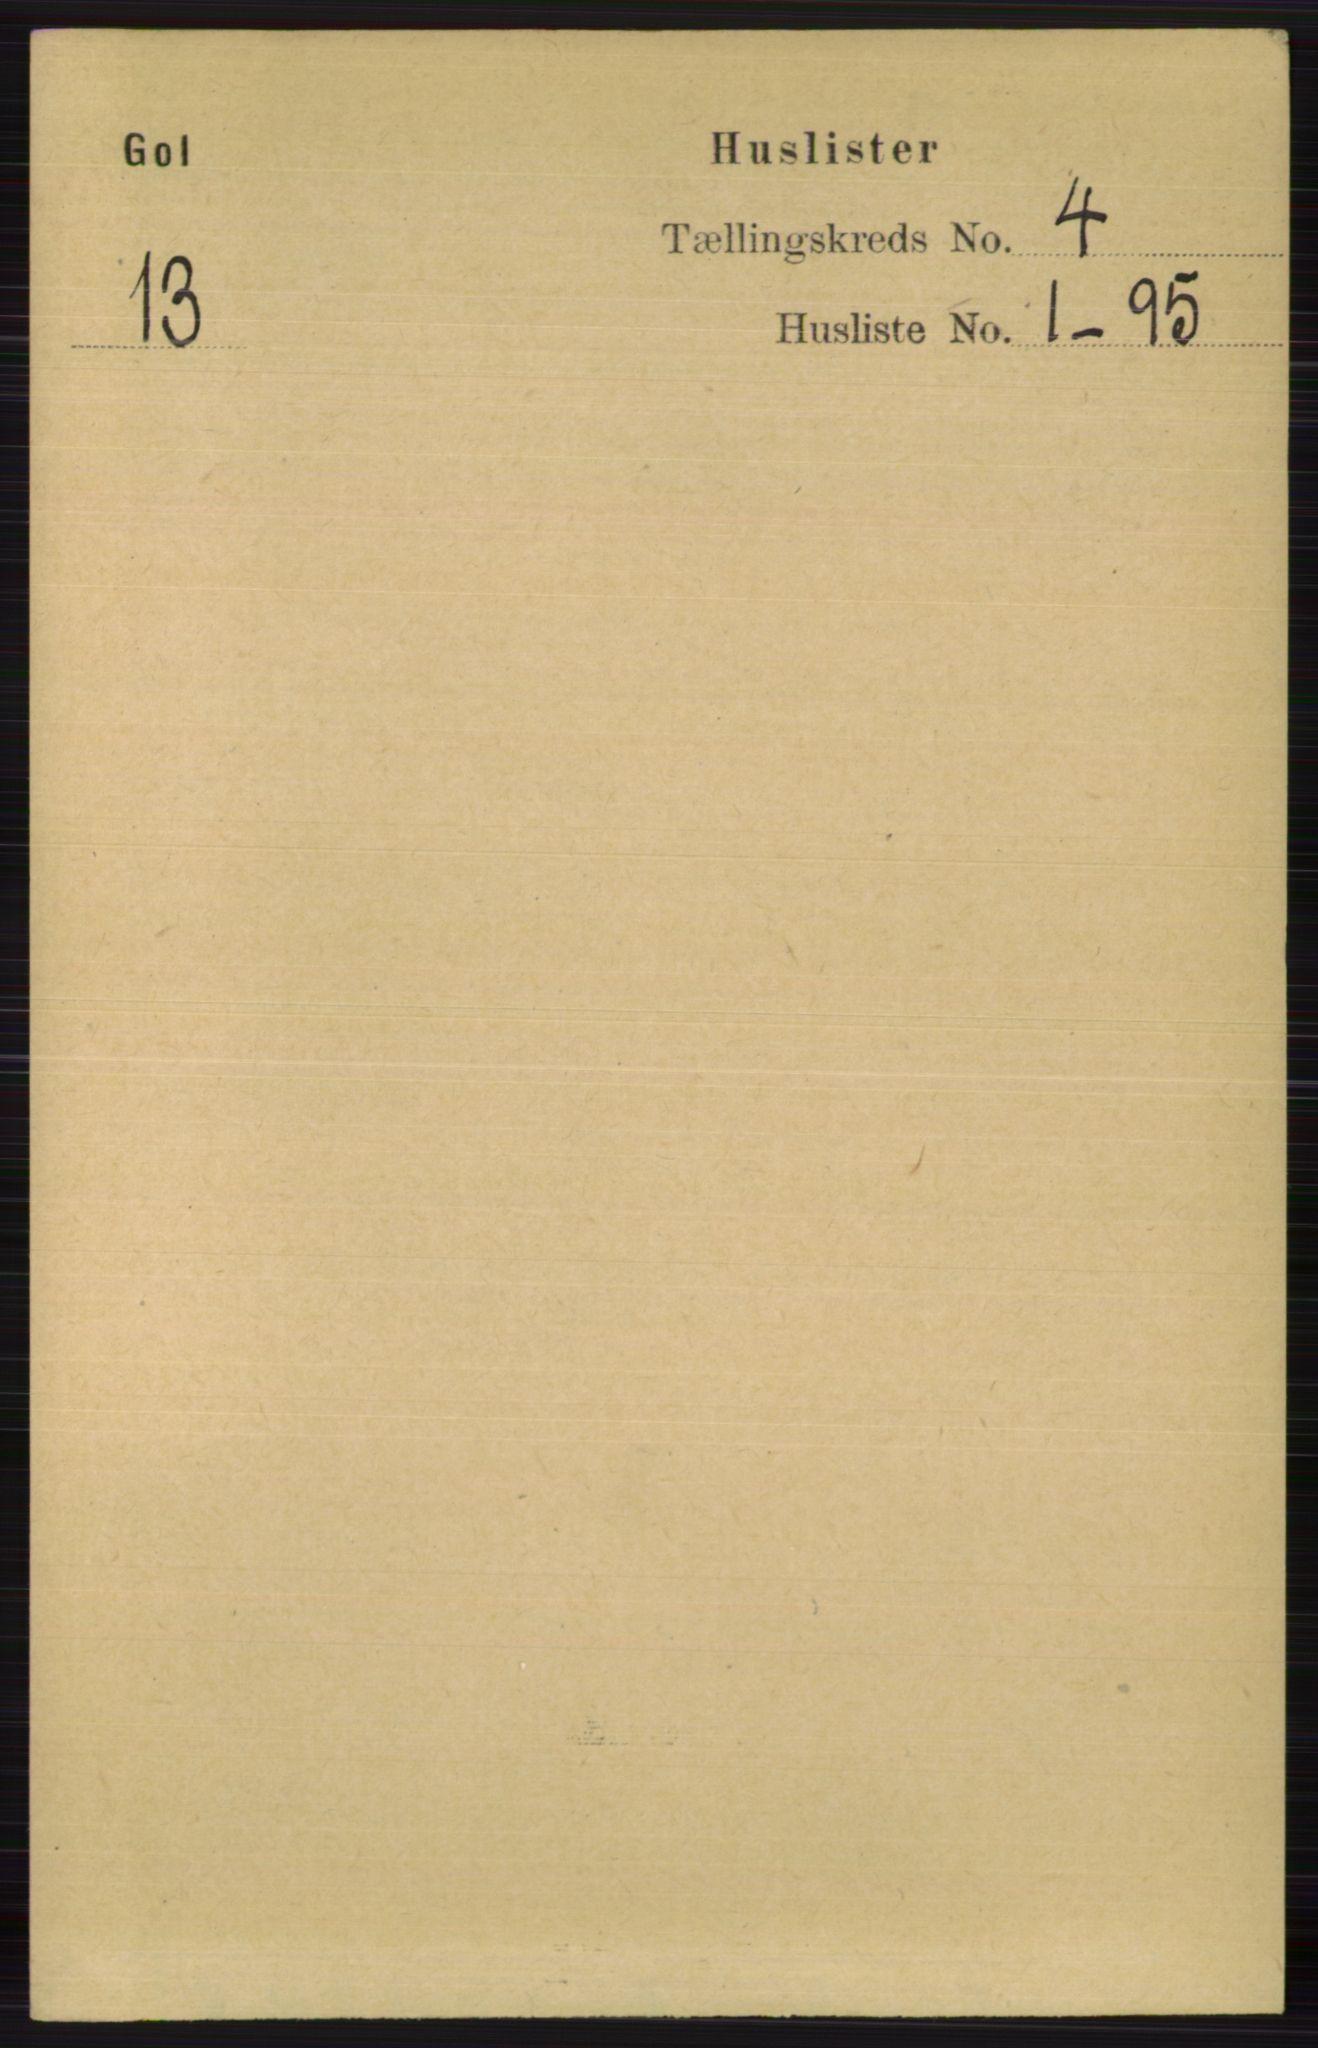 RA, Folketelling 1891 for 0617 Gol og Hemsedal herred, 1891, s. 1709